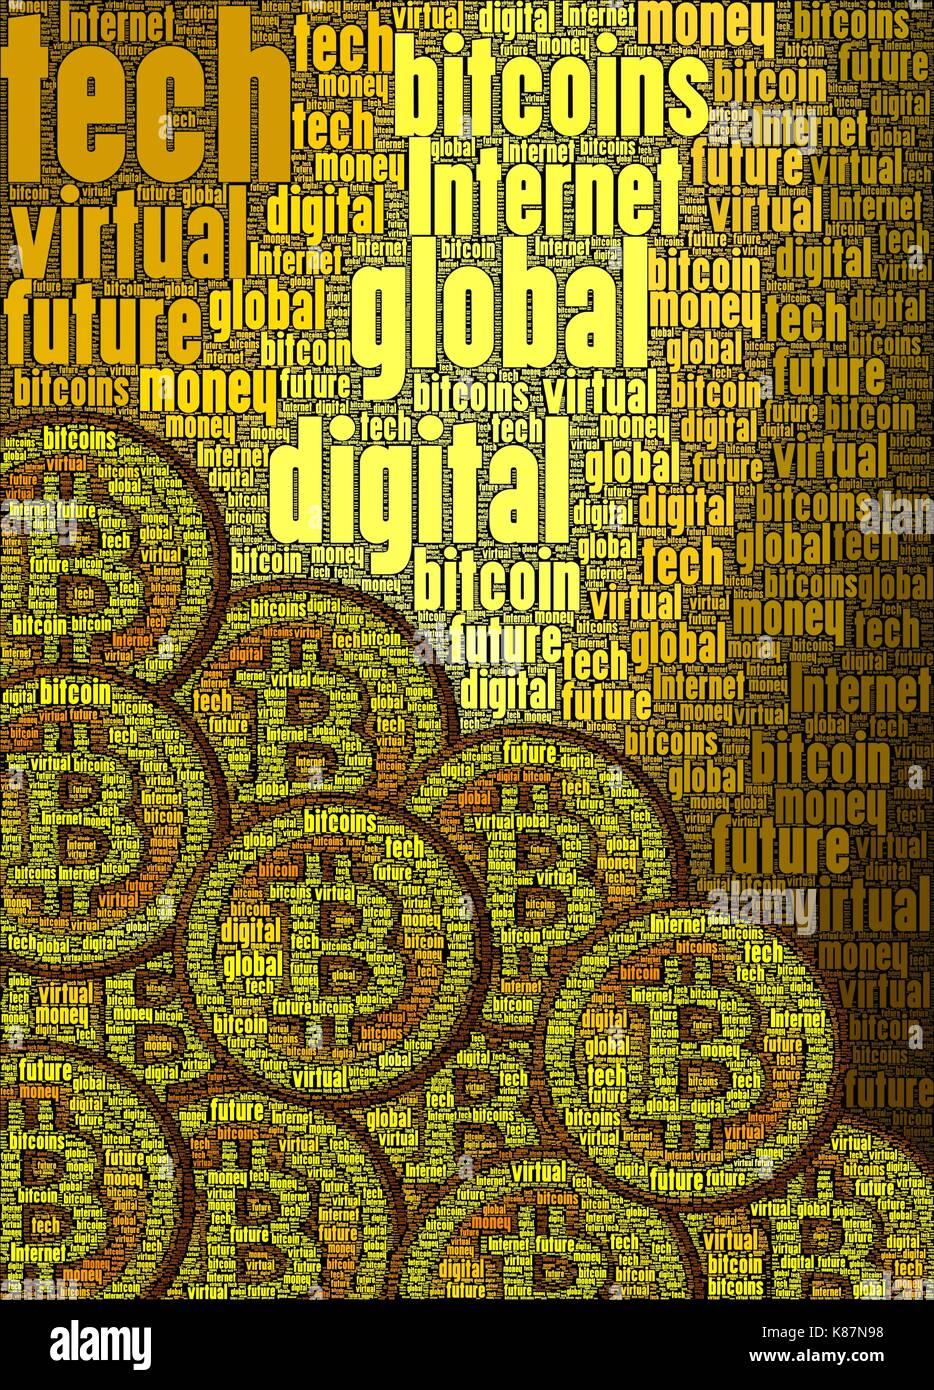 El concepto de arte bitcoin realizados utilizando sólo palabras sobre el asunto, en posición vertical. Imagen De Stock